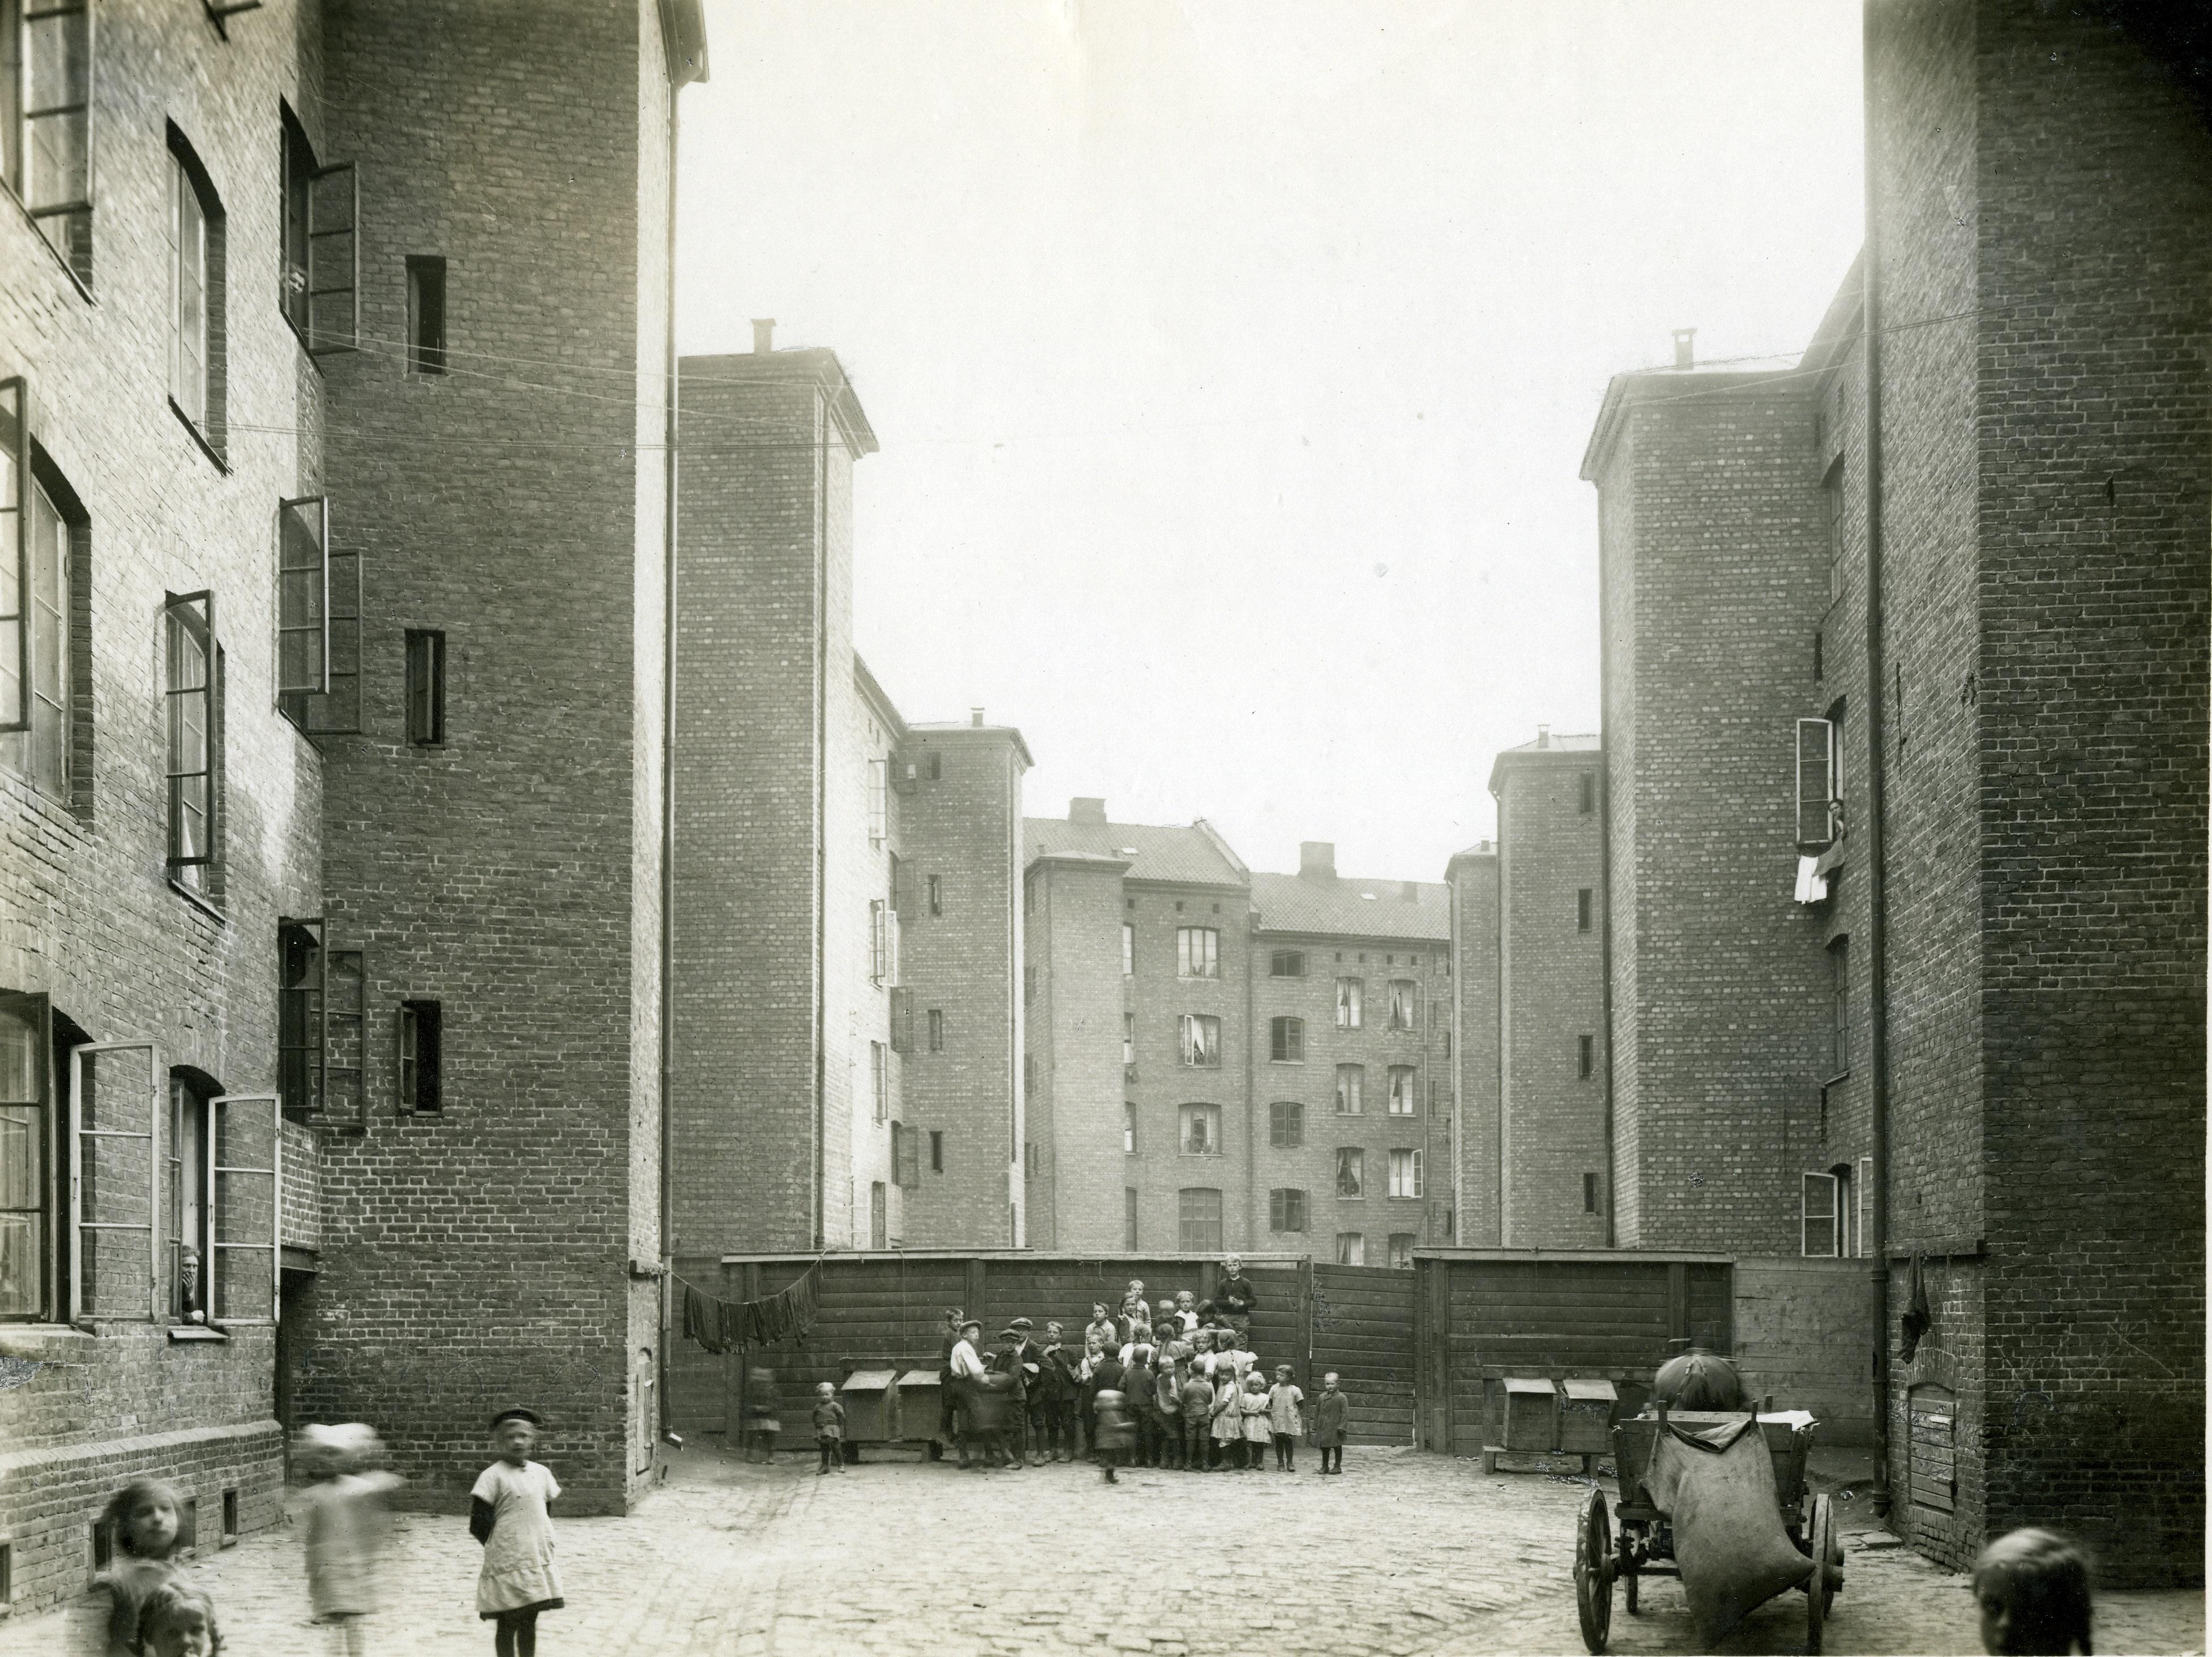 Gråbeingårdene i Lakkegata på Tøyen. På slutten av 1800-tallet ble det bygget store leiekaserner med trange gårdsrom. Fotograf: Anders Beer Wilse. A-10001/Ua/0011/031